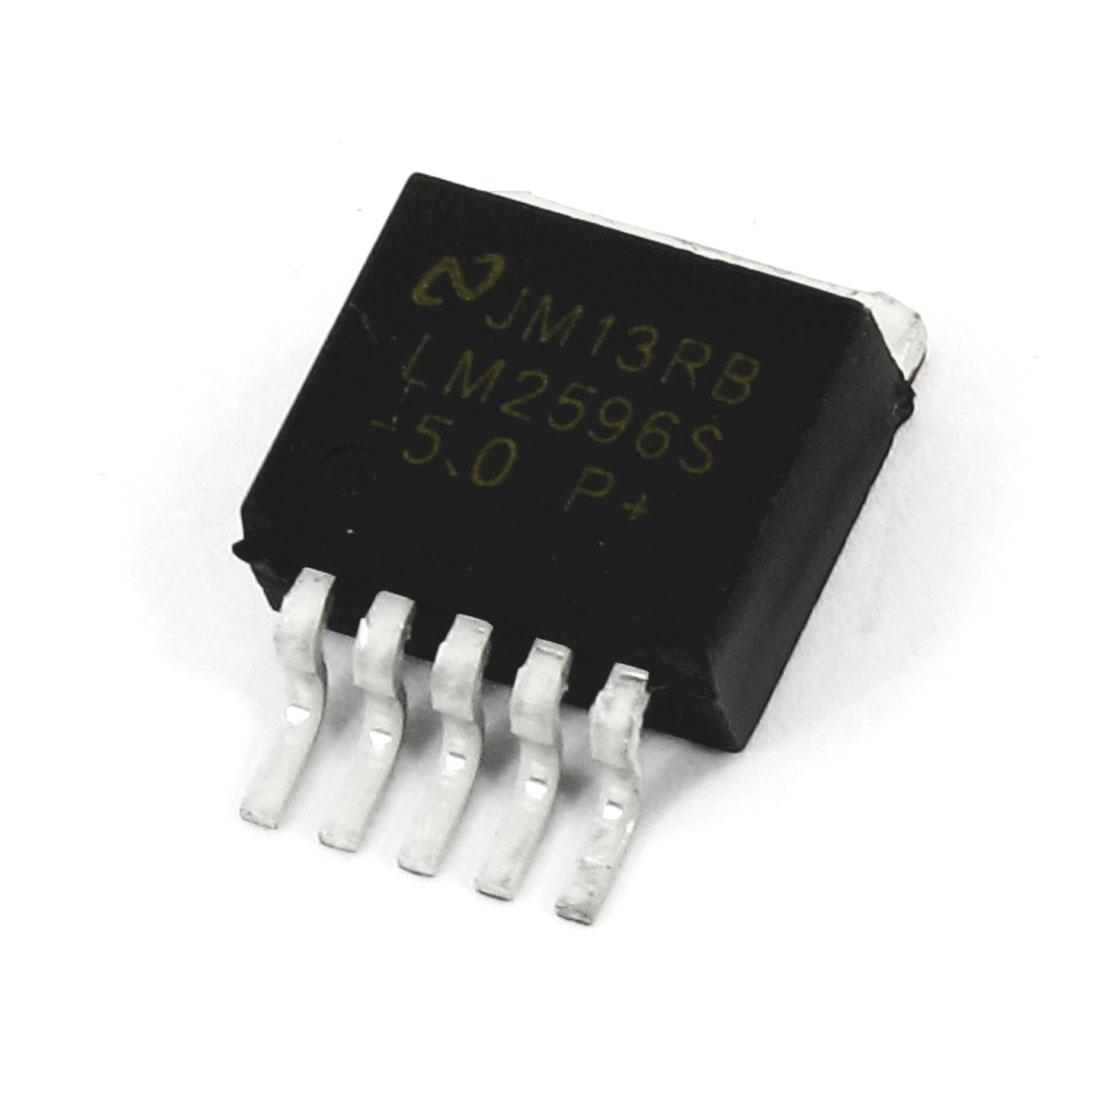 5V 3A Step-Down Voltage Regulator Transistor LM2596S-5.0